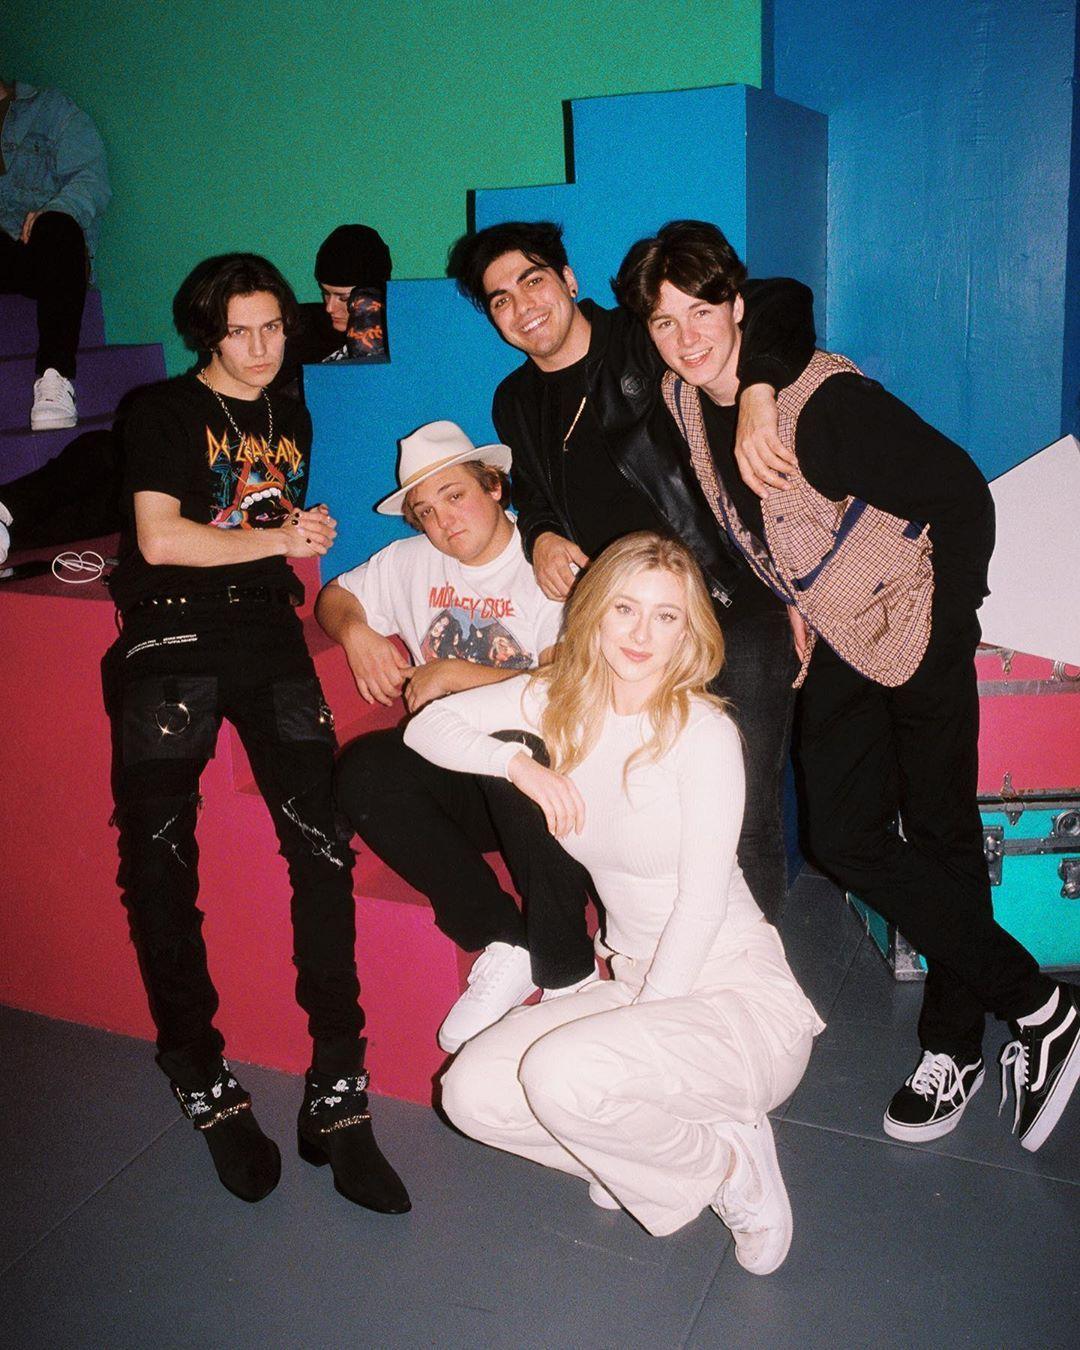 Пятеро молодых людей в чёрной и белой одежде стоят на фоне разноцветной стены